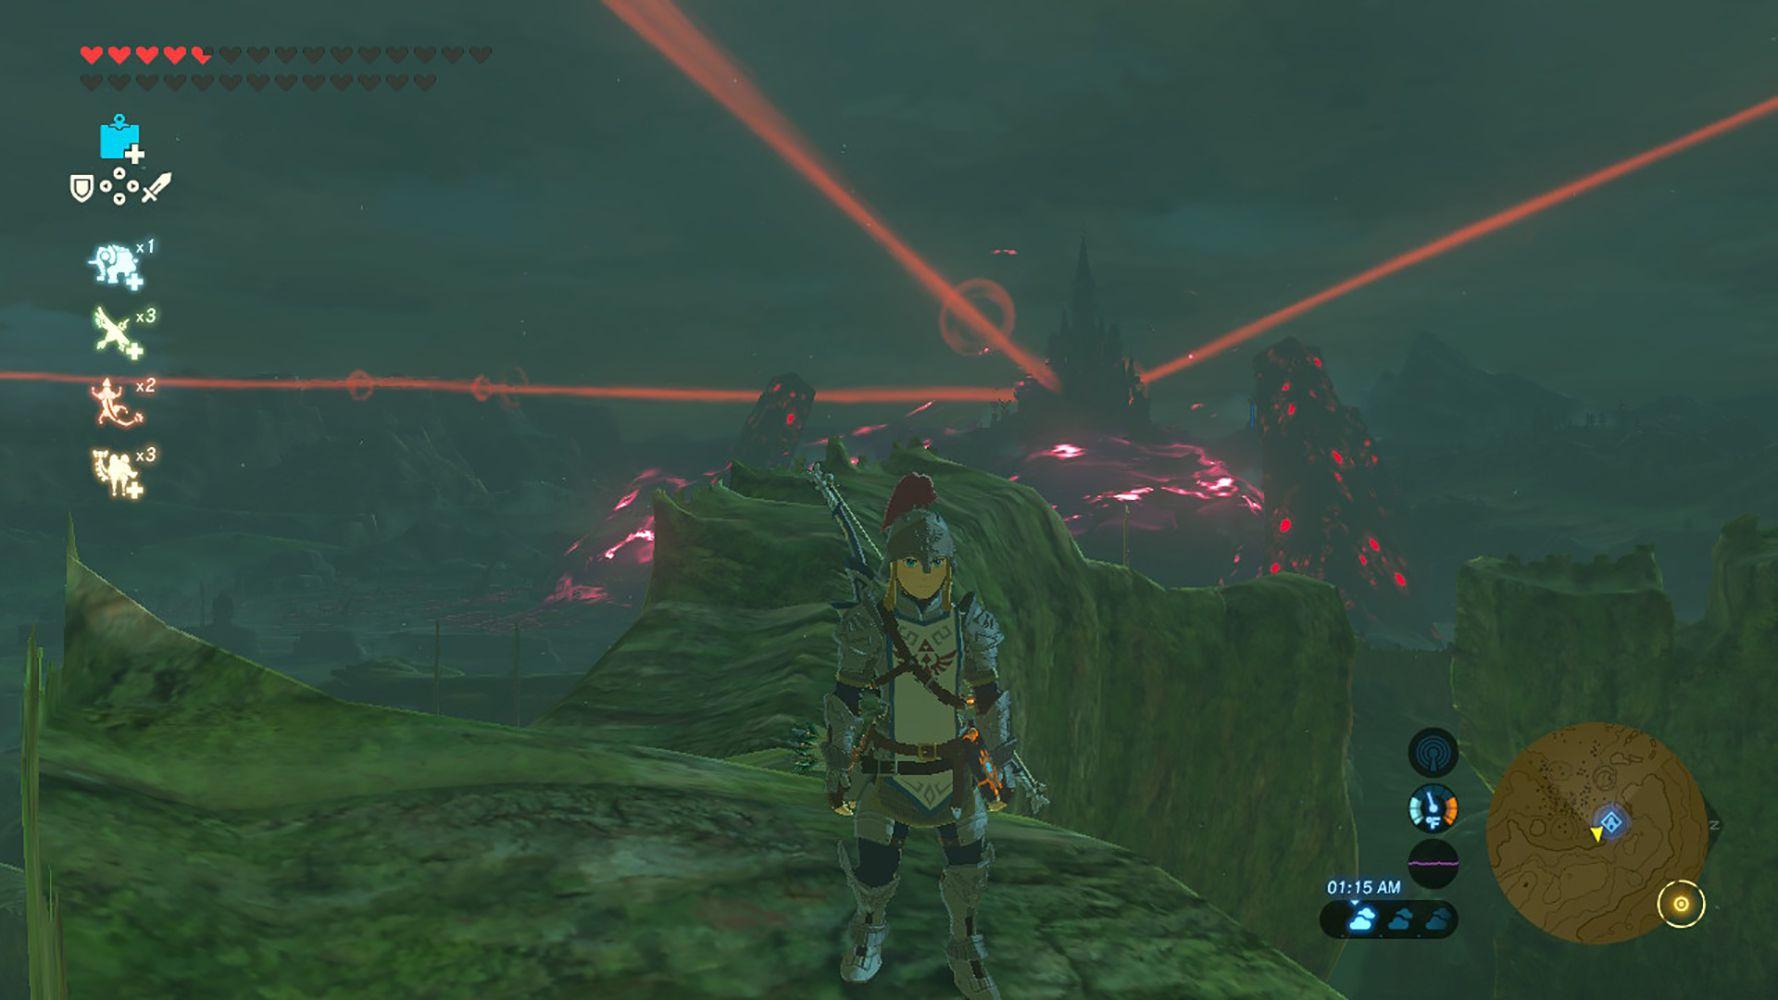 Screenshot of the Soldier's Armor in Zelda: BOTW